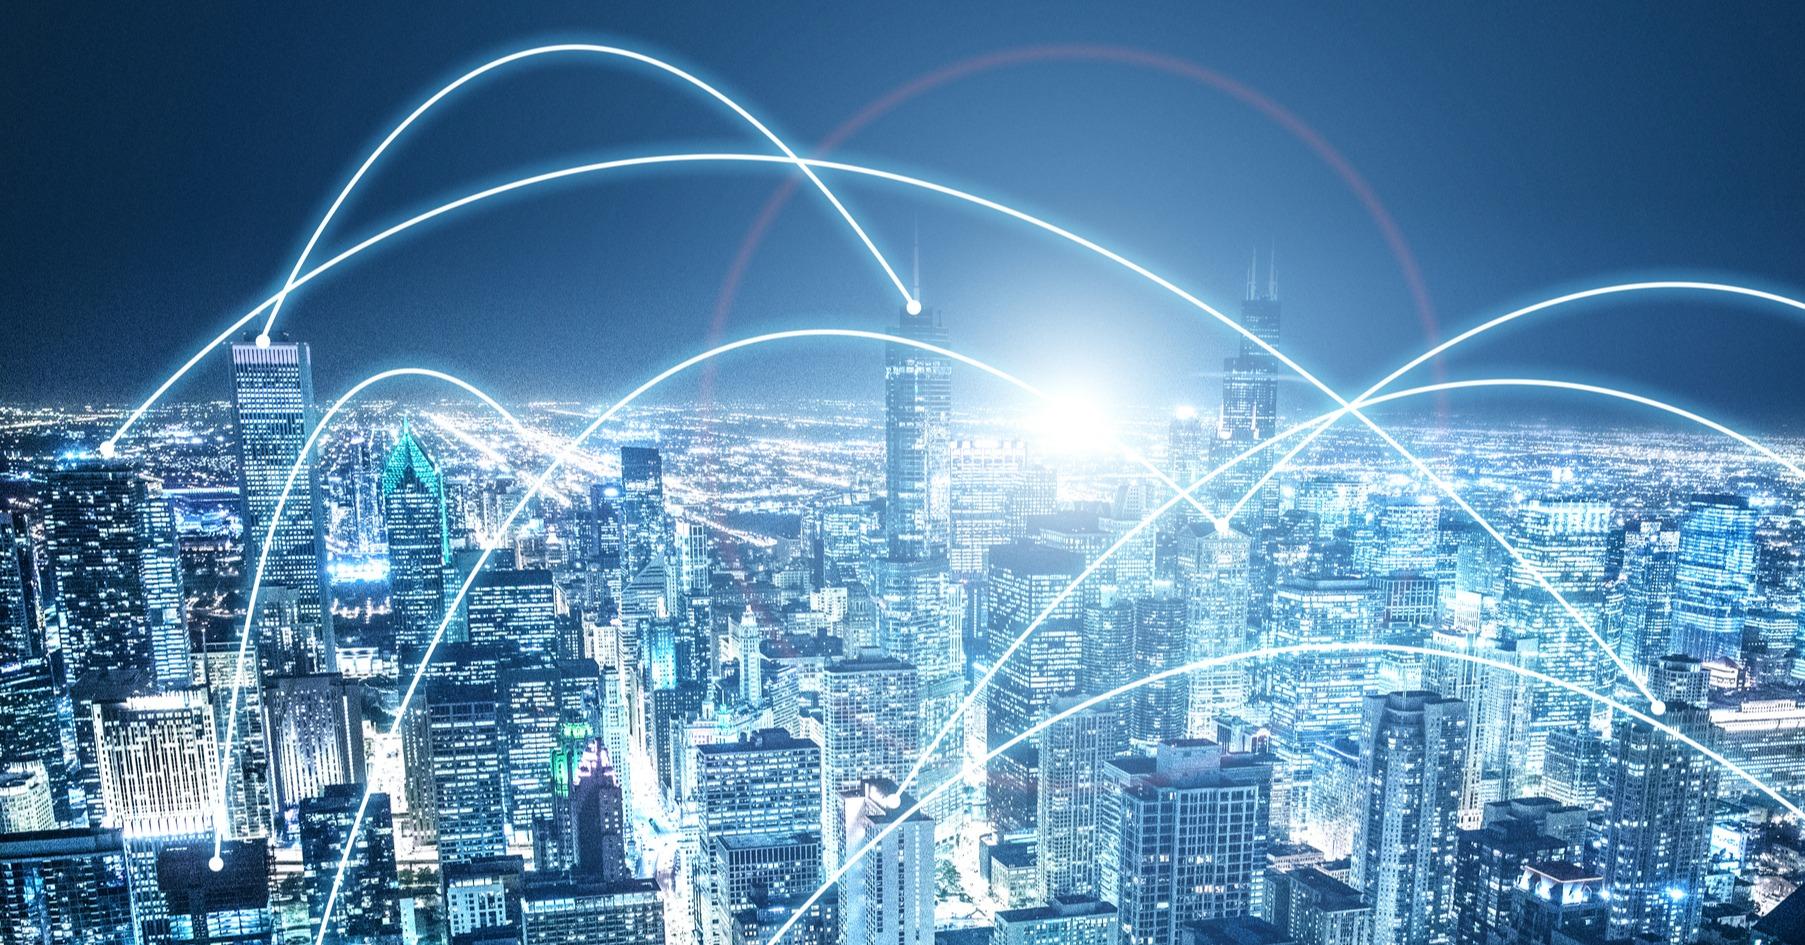 Digitalizzazione e resilienza delle infrastrutture: un binomio imprescindibile